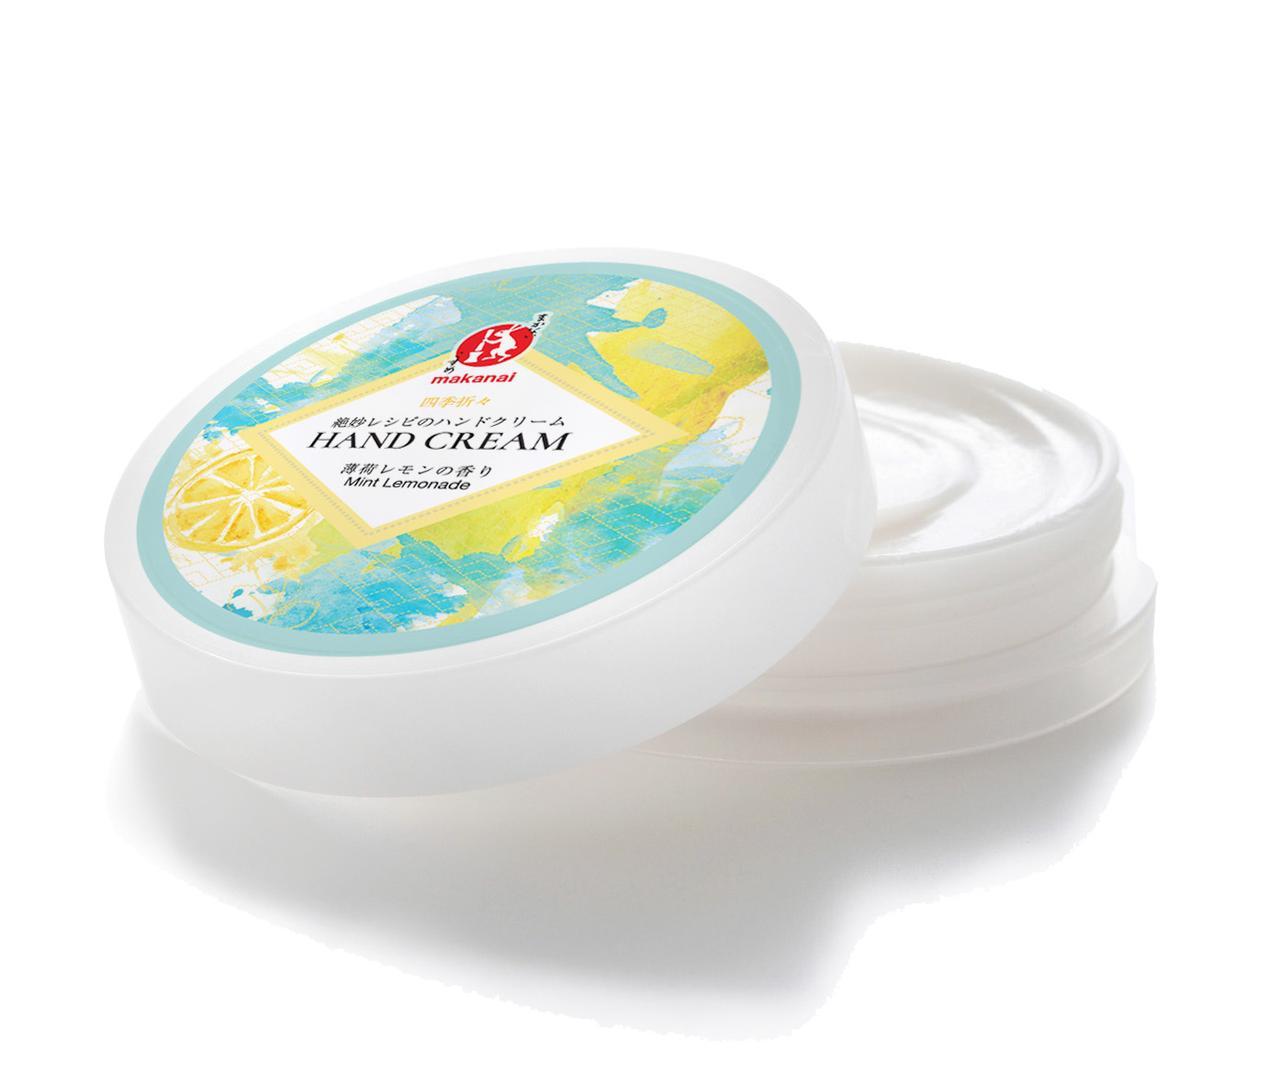 画像: 絶妙レシピのハンドクリーム(薄荷レモン) 天然成分でできたハンドクリームは、人気No1のアイテム。肌なじみが良く、つければスッとなじんでべたつきません。 冷蔵庫で冷やせば、香りと相まって、ひんやりスーッとなじむ付け心地を実感できます。 【容量/価格】50g/¥1,500 【全成分】 水 、グリセリン 、カリ石けん素地 、ホホバ油、スクワラン、ハイブリッドヒマワリ油、シア脂、カキ葉エキス、水添レシチン、ダイズステロール、デキストリン、グルコシルセラミド、加水分解卵殻膜、トコフェロール、 ヒノキチオール、エタノール 、ハッカ油、レモングラス油、ラベンダー油、キサンタンガム